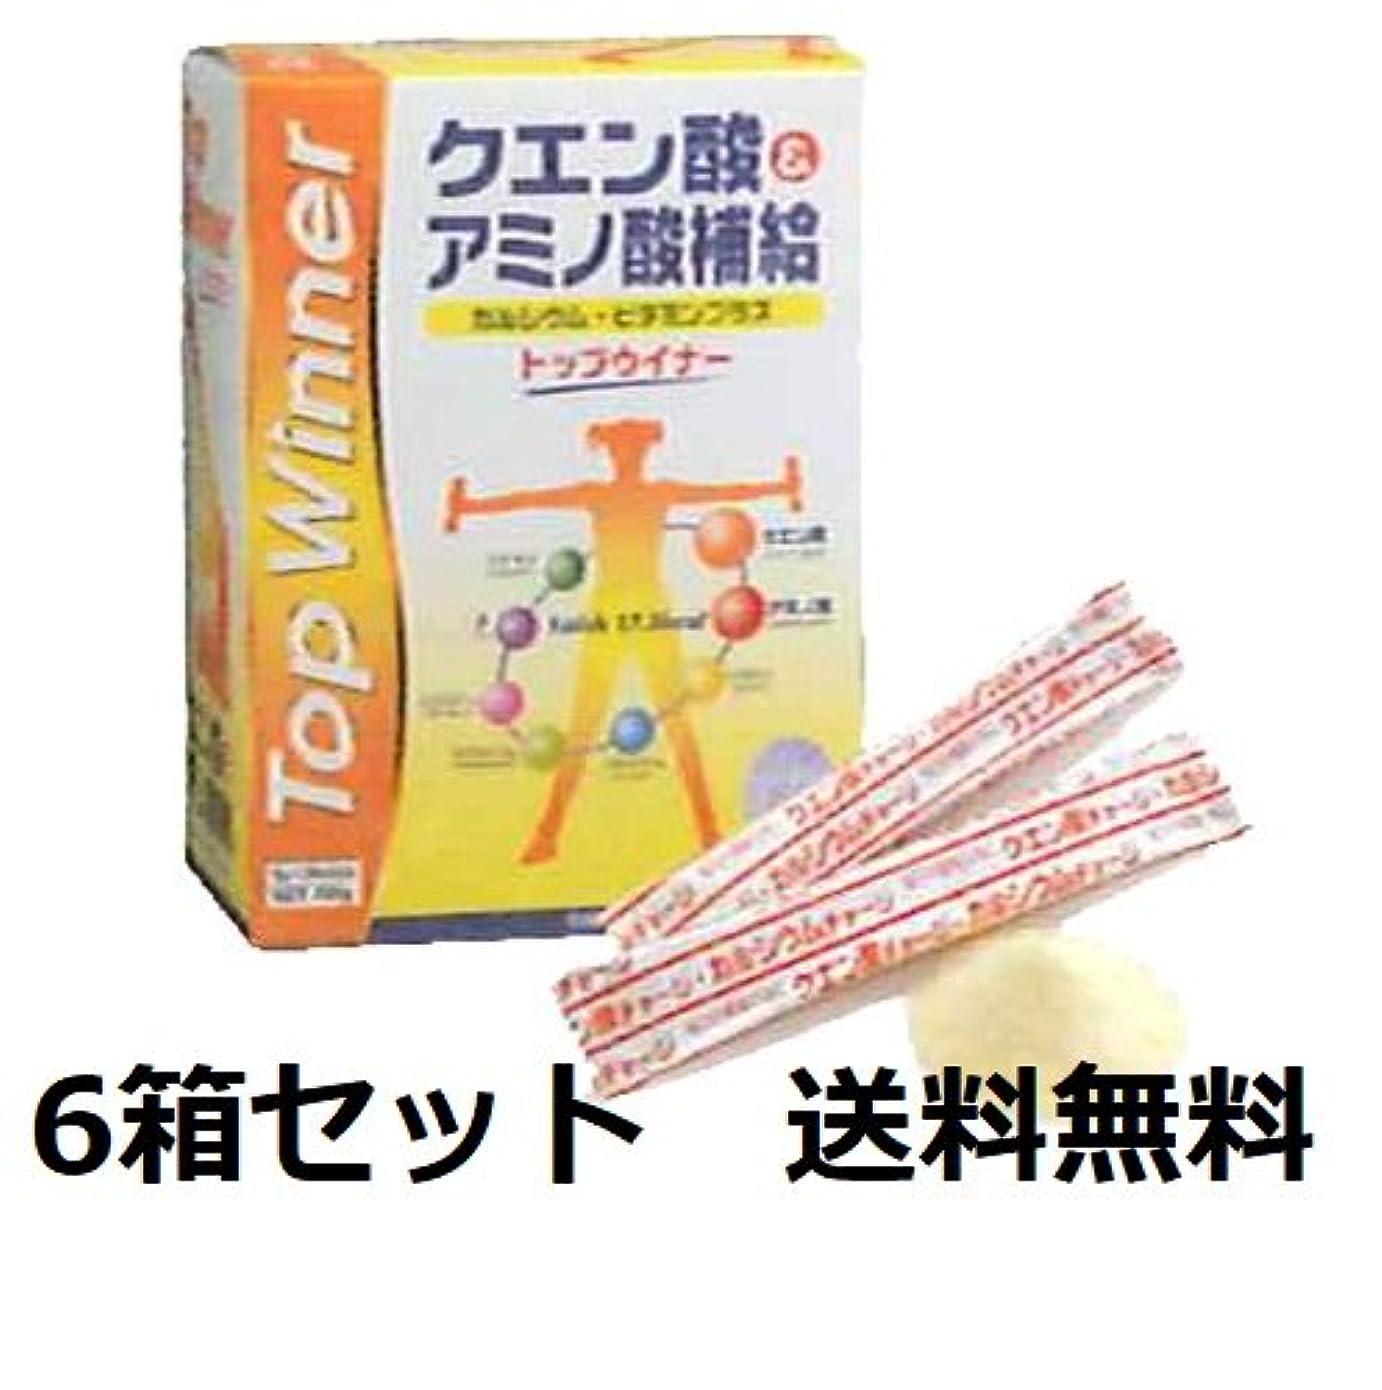 尽きるベスト感謝しているトップウイナー 6箱セット アミノ酸?クエン酸飲料 5g×30本入(150g)×6箱